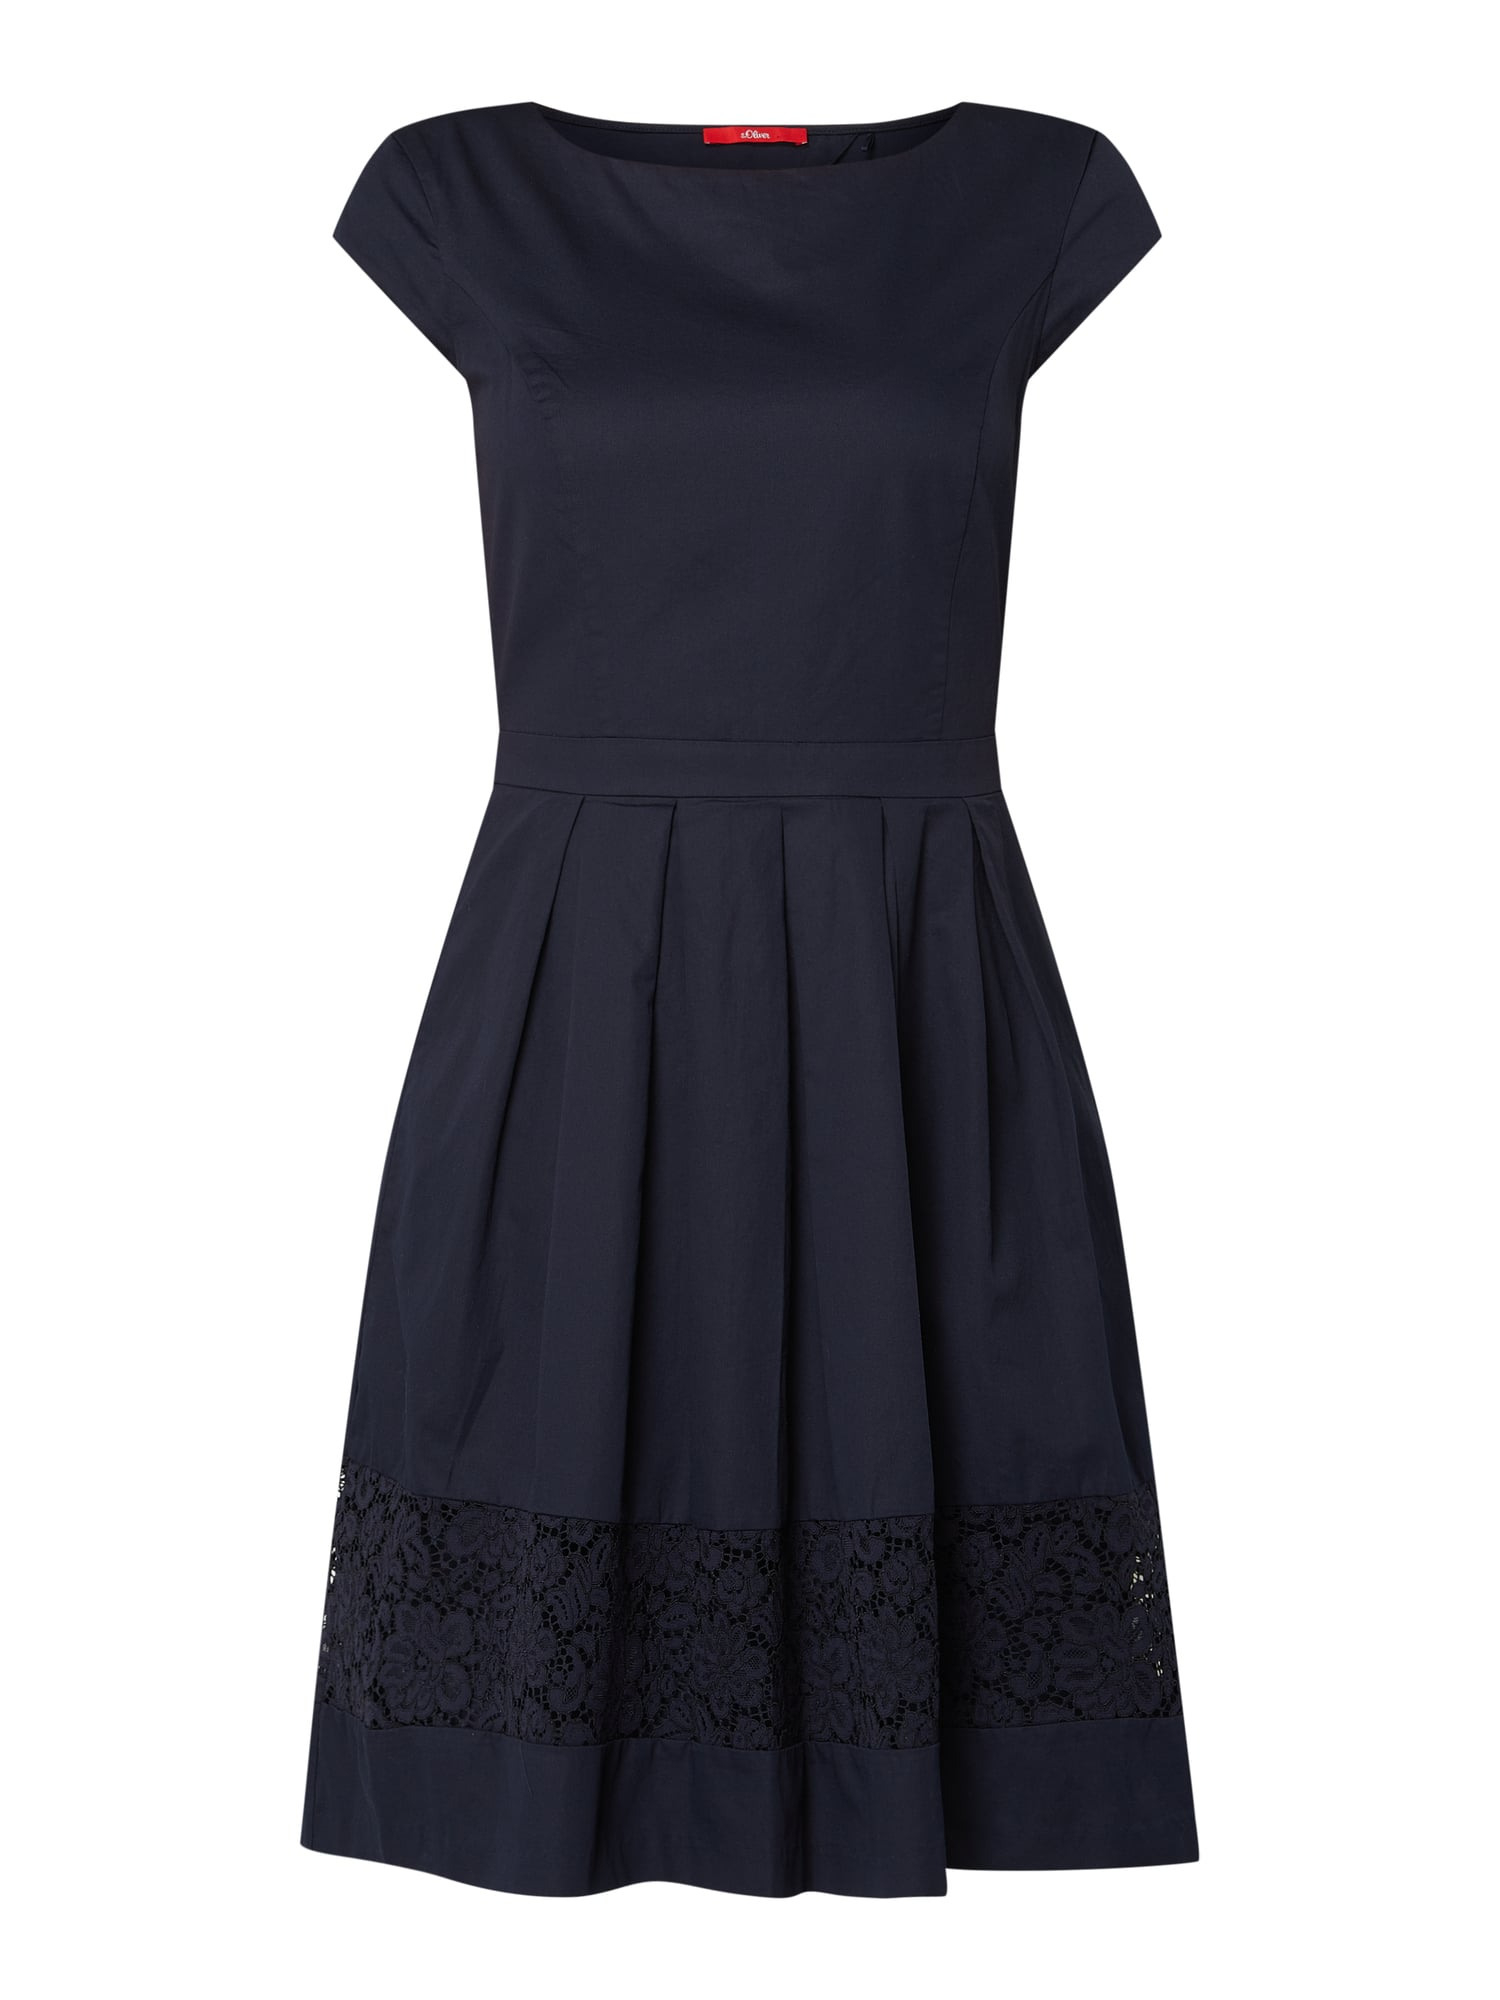 Soliver Red Label Kleid Mit Zierborte Aus Spitze In Blau